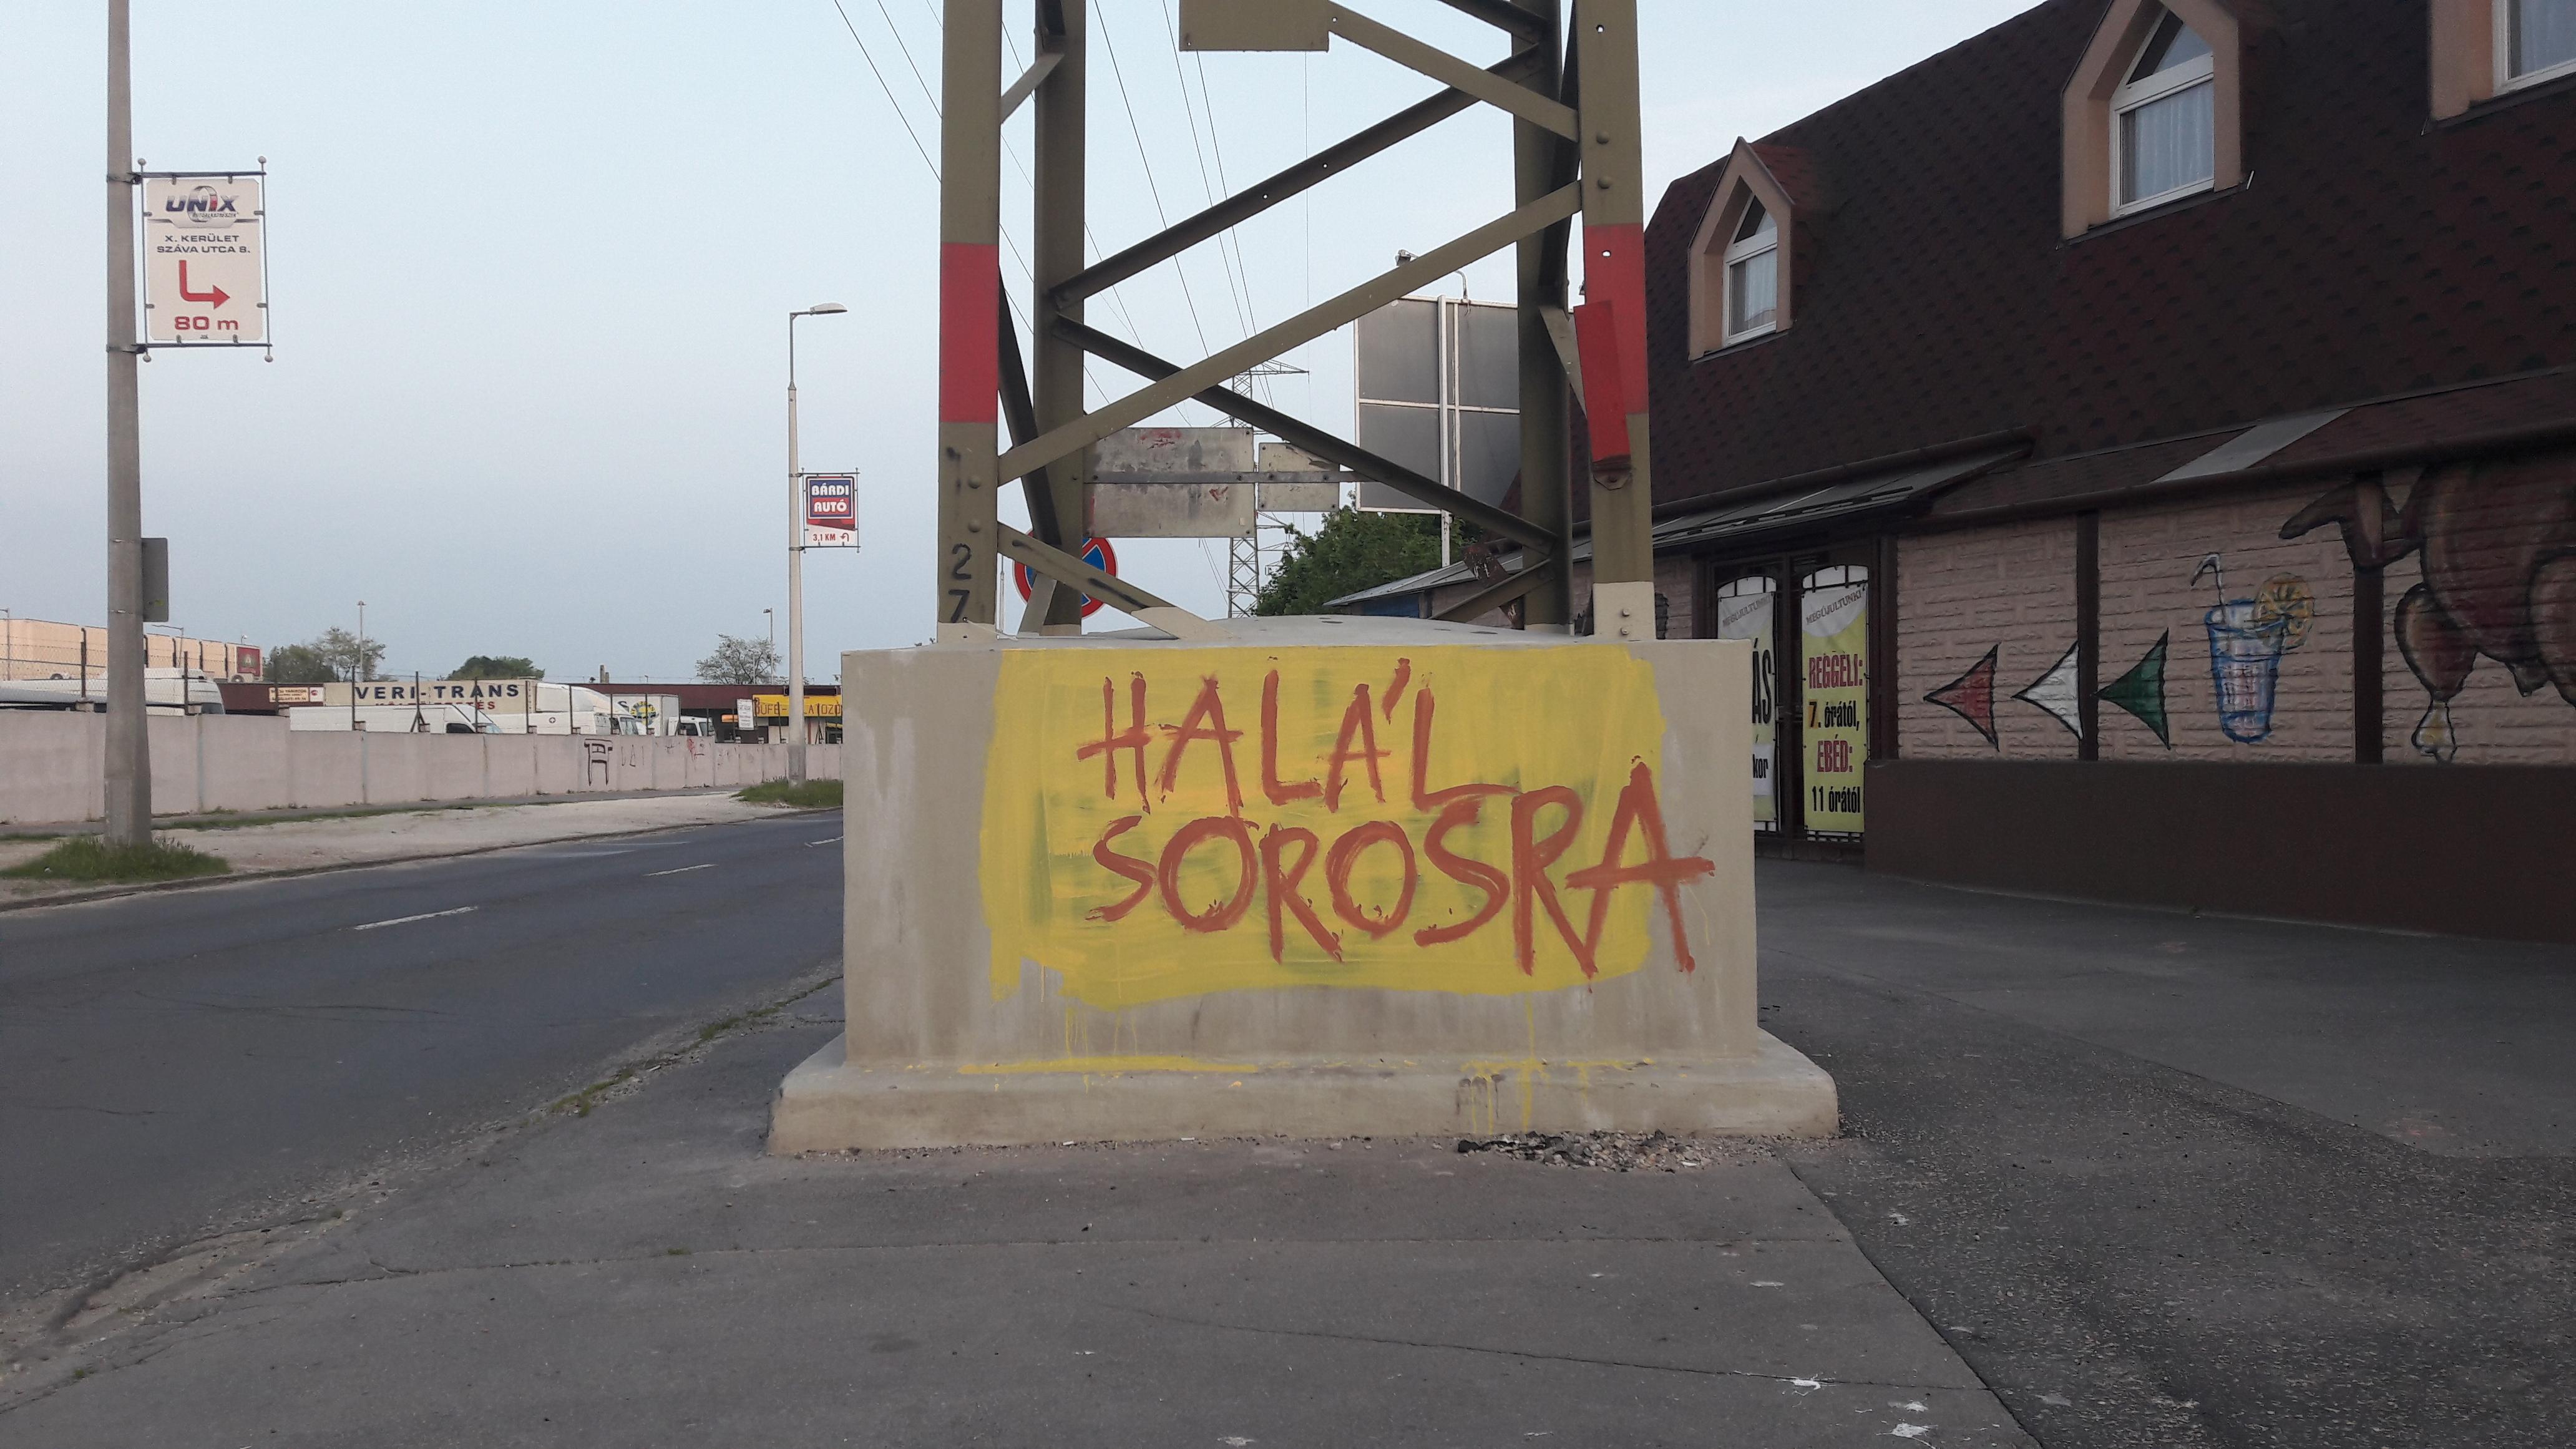 Nem fogod elhinni, micsoda reneszánsz graffitit eredményezett a kormány gyűlöletpropagandája